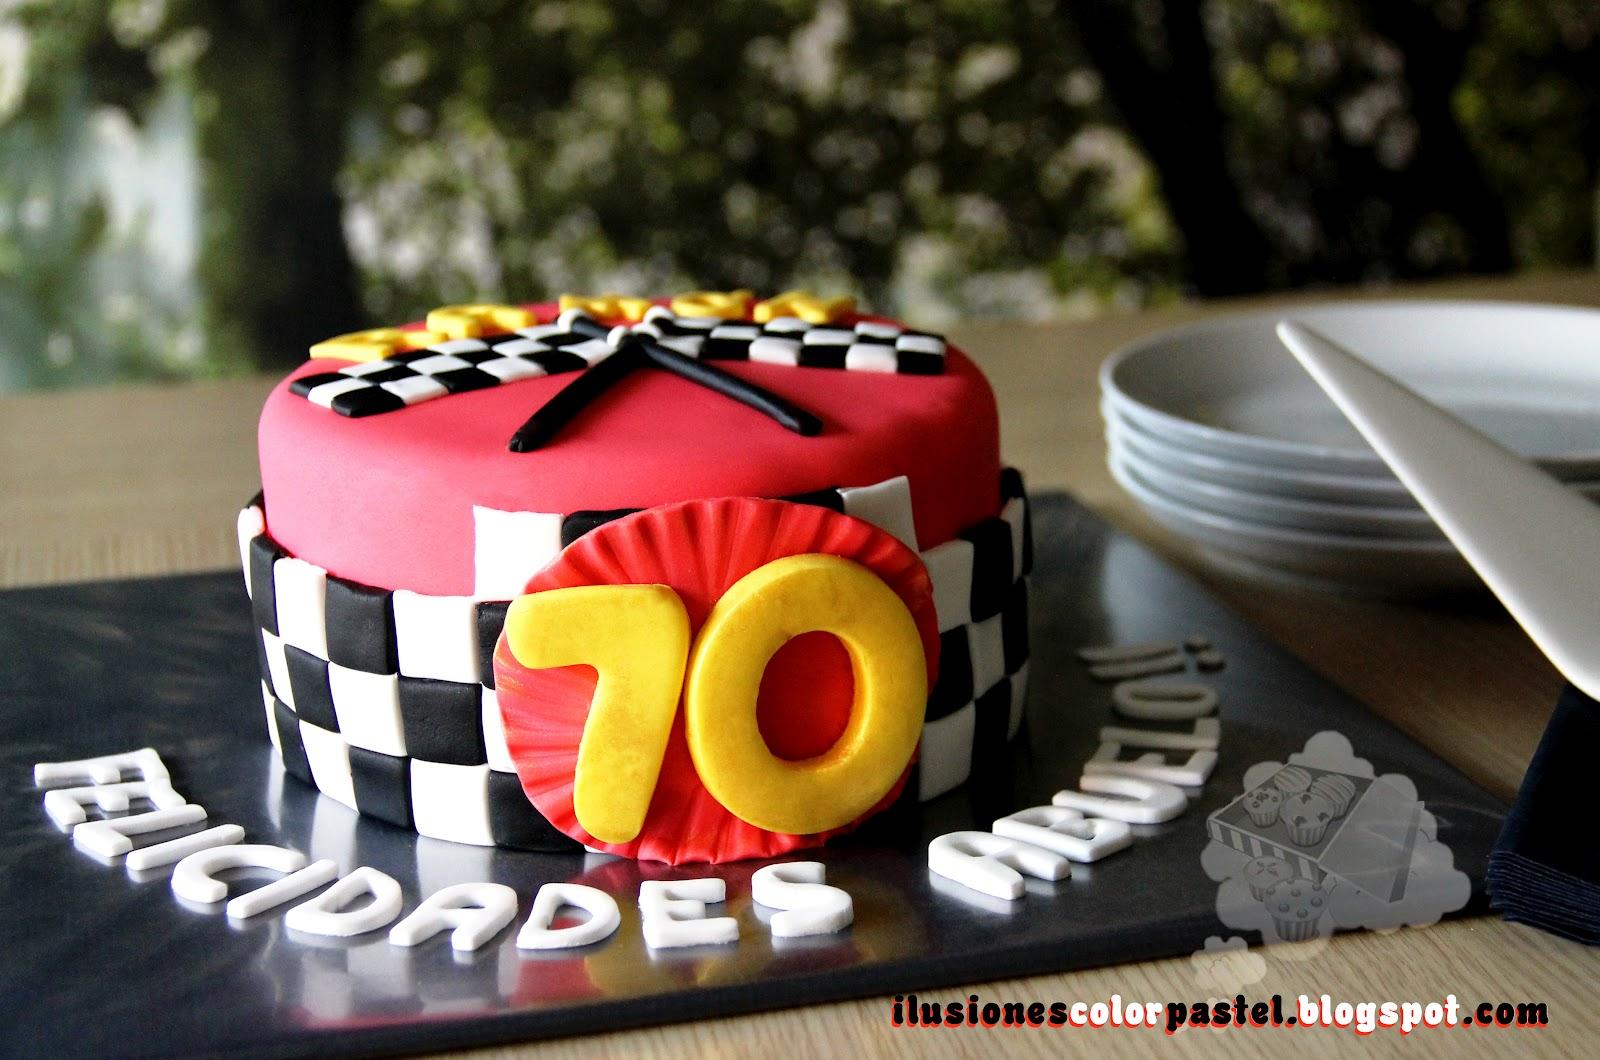 Tarta 70 Cumpleanos Para Un Abuelo Muy Molon Ilusiones Color Pastel - Tartas-de-cumpleaos-para-adultos